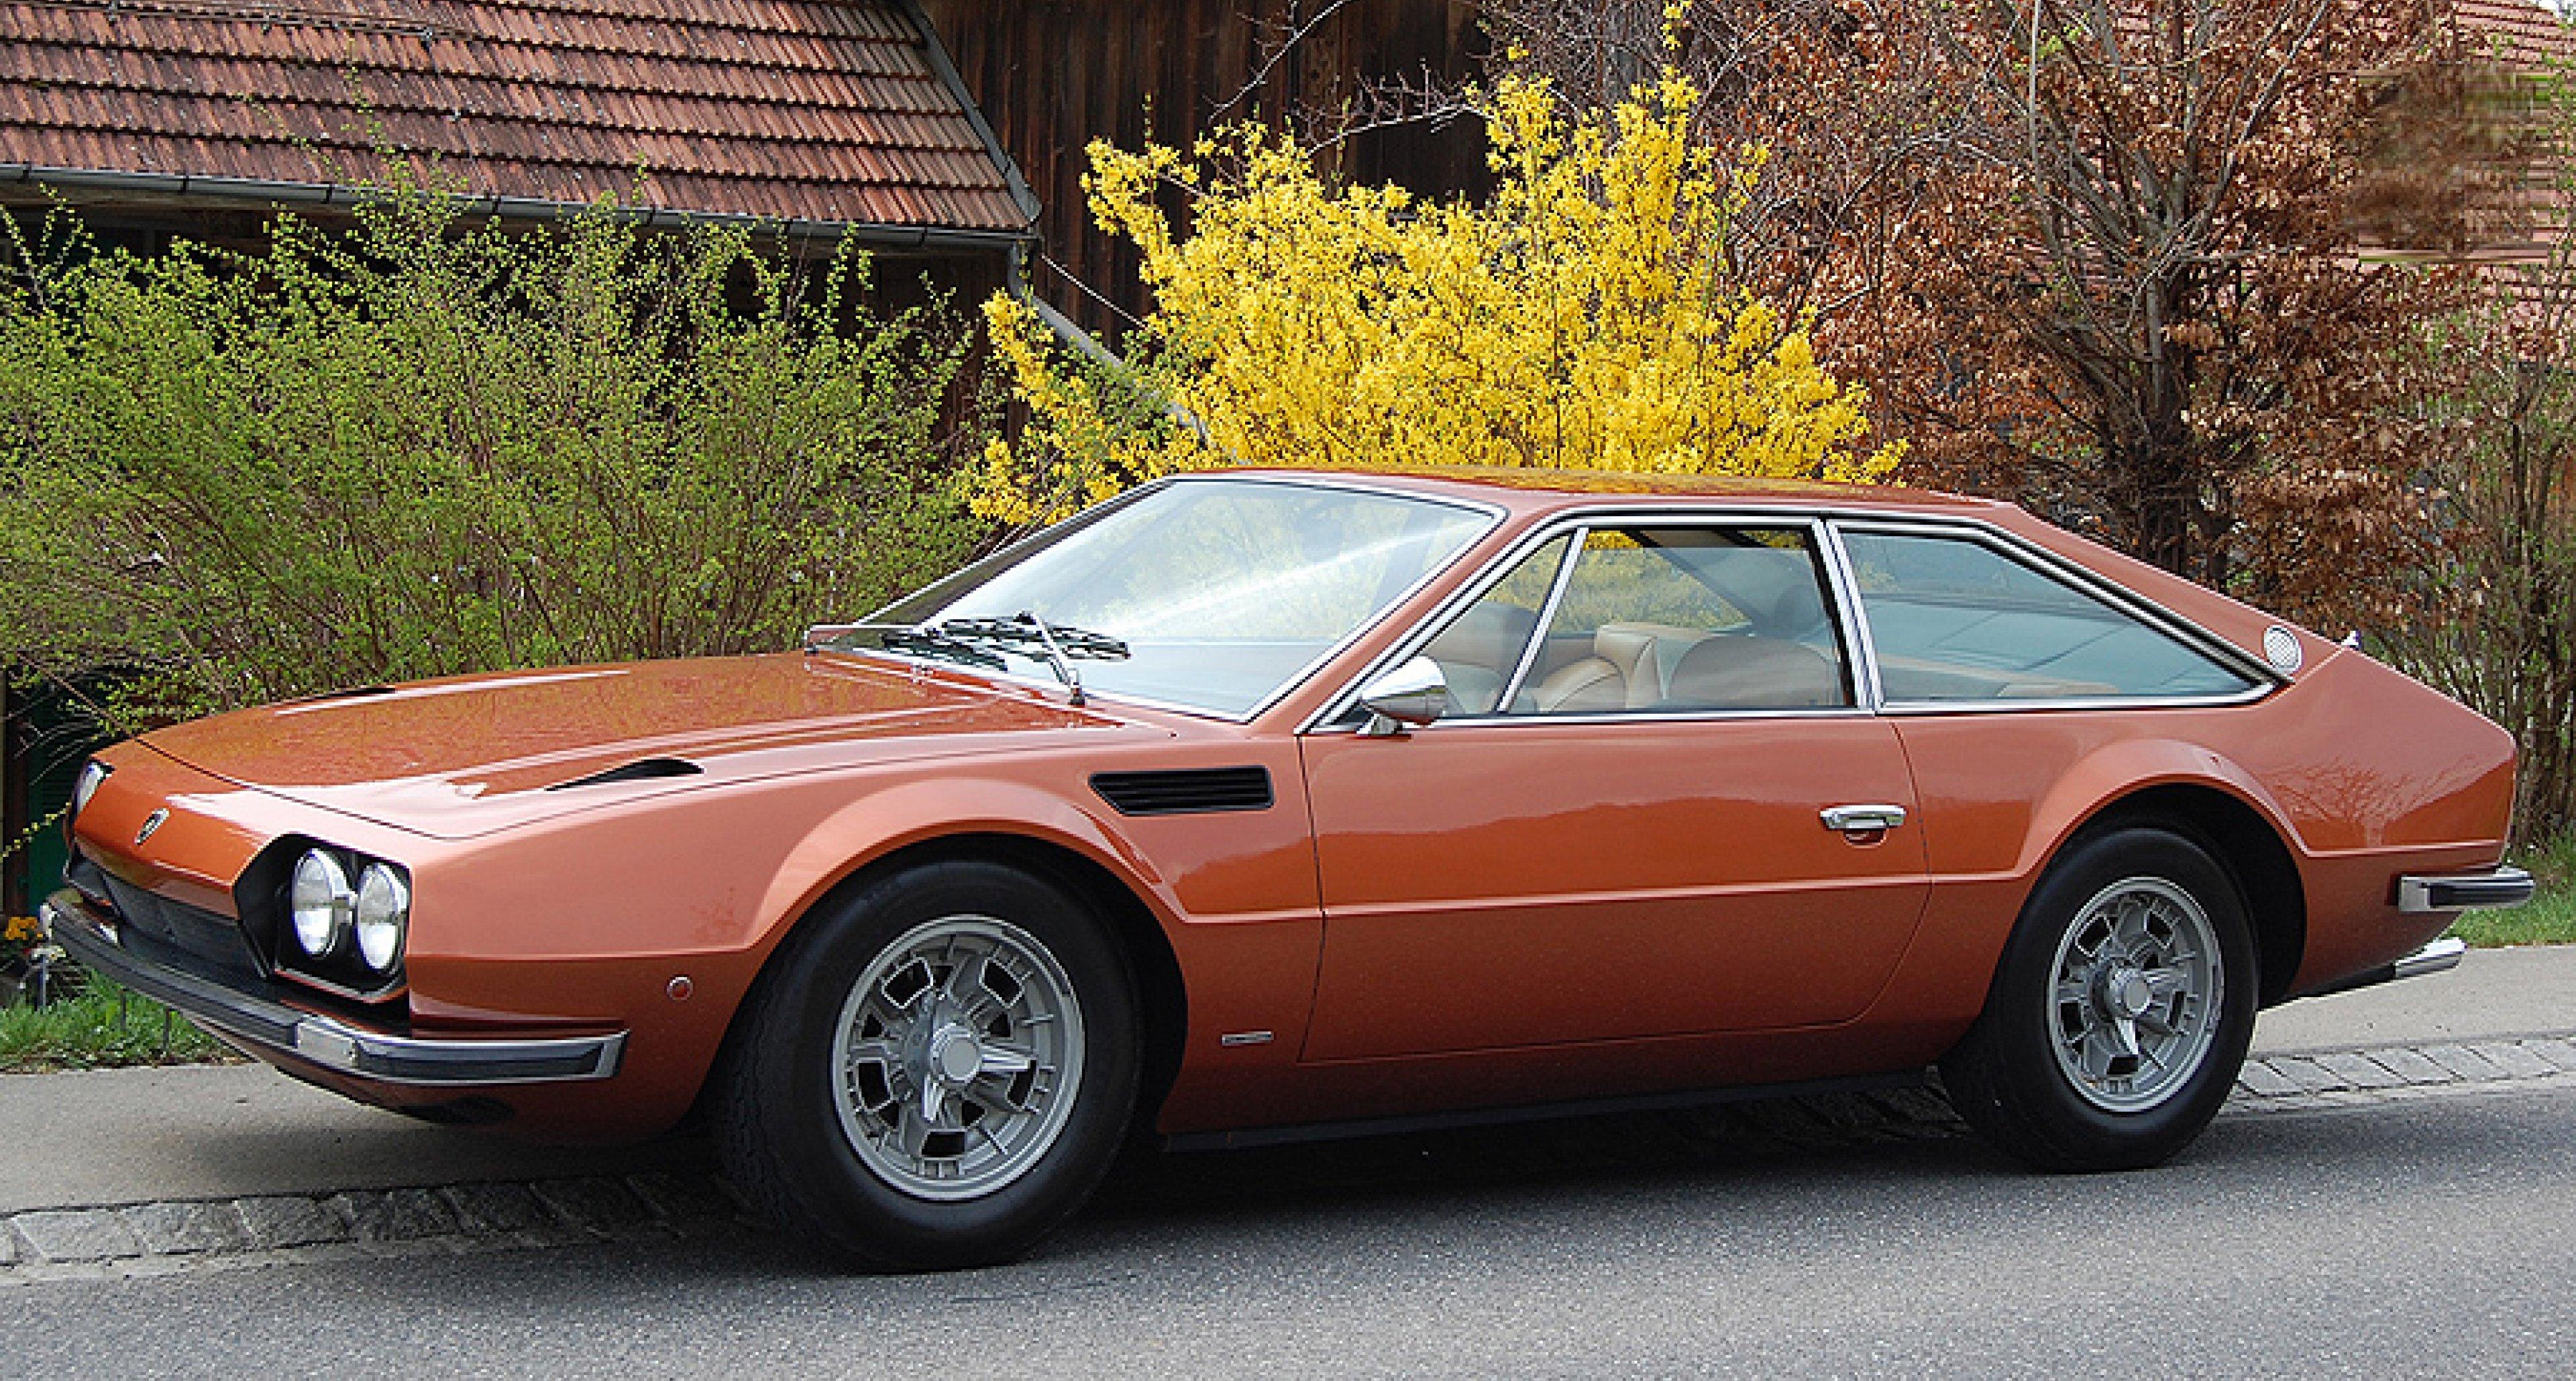 Oldtimer Galerie Toffen versteigert 100 klassische Automobile